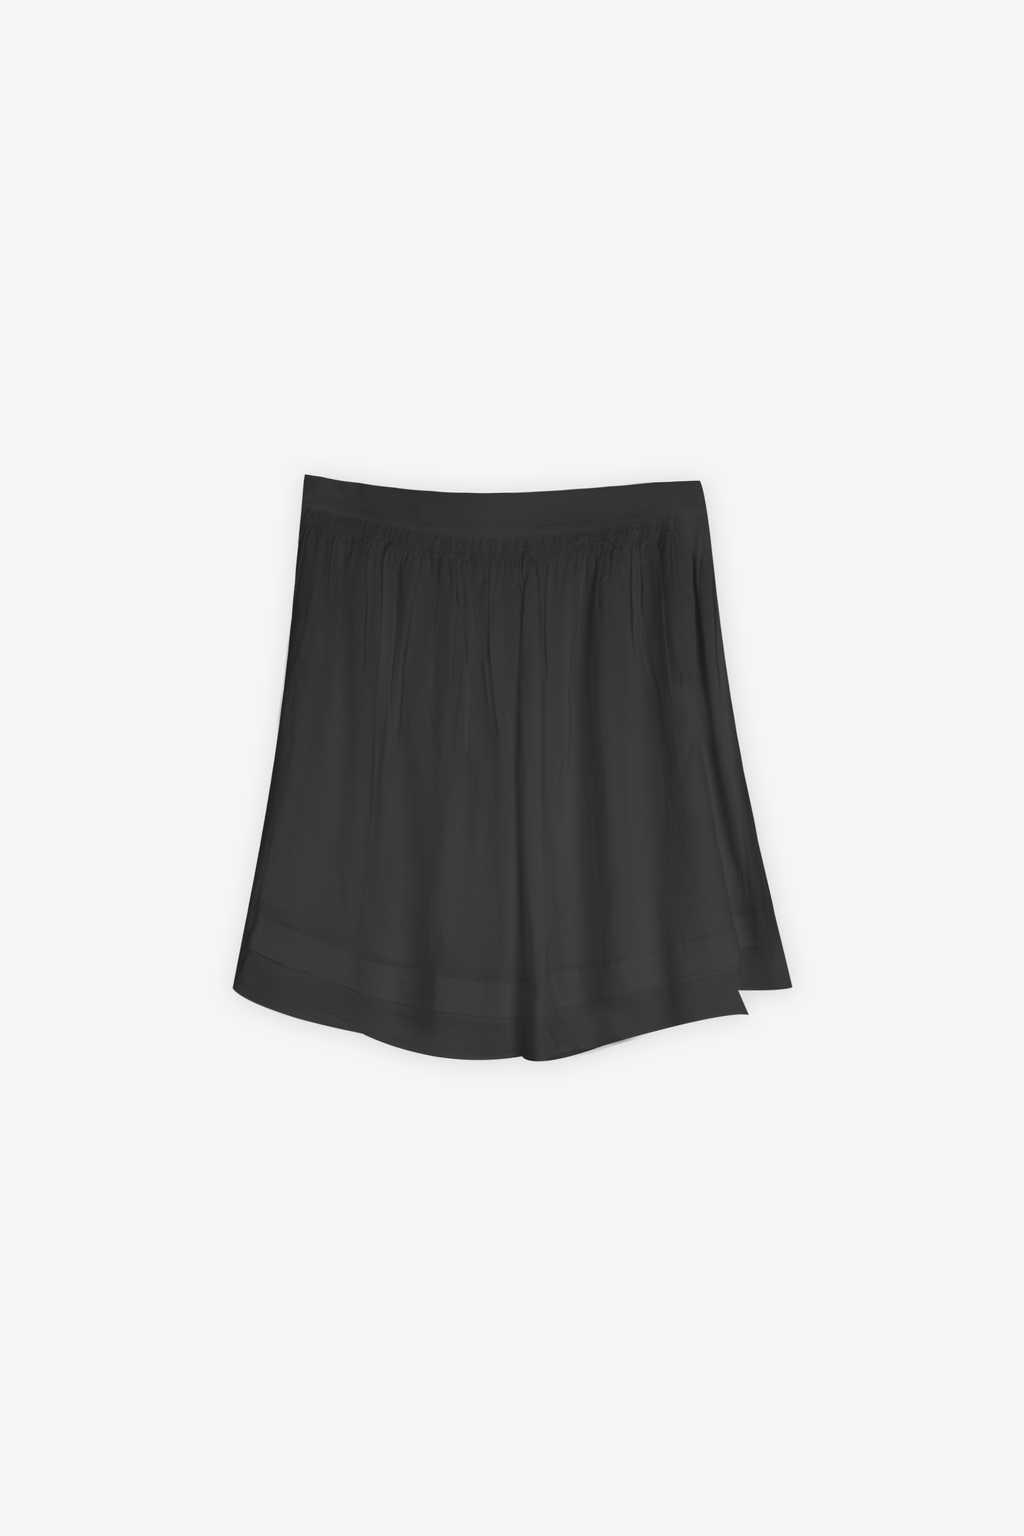 Skirt 1224 Black 5